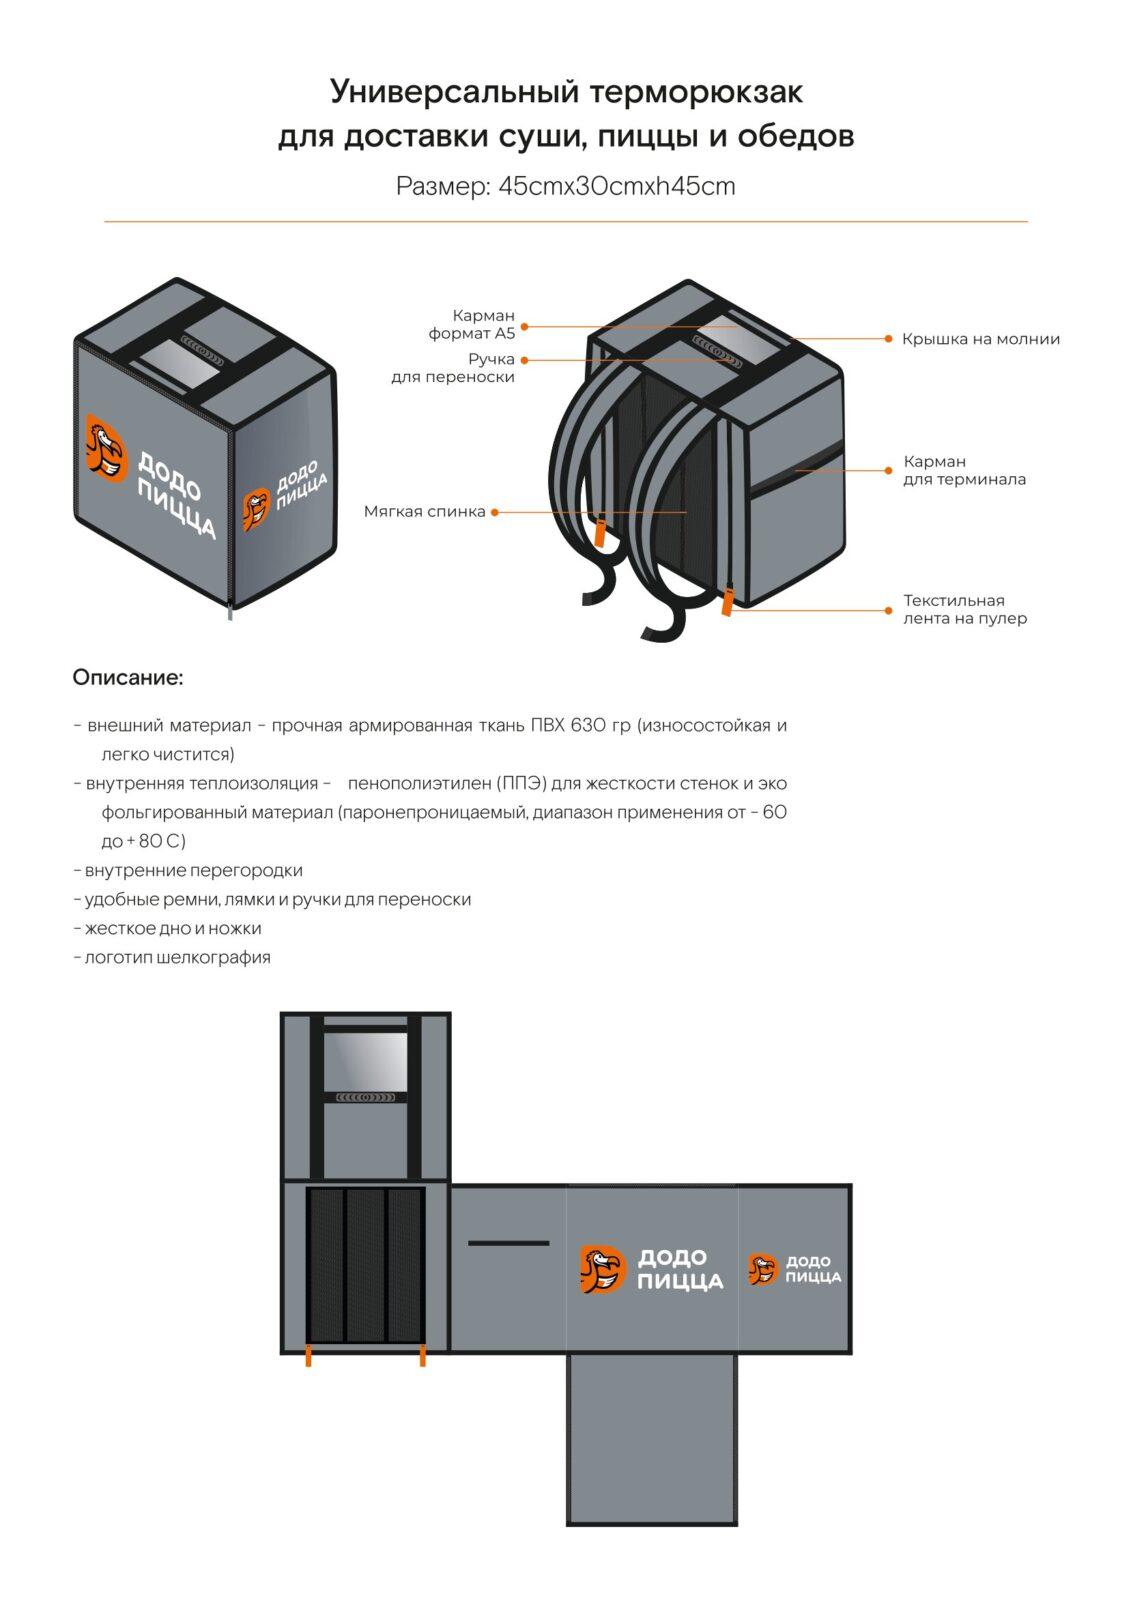 Дизайн и конструкция термосумки